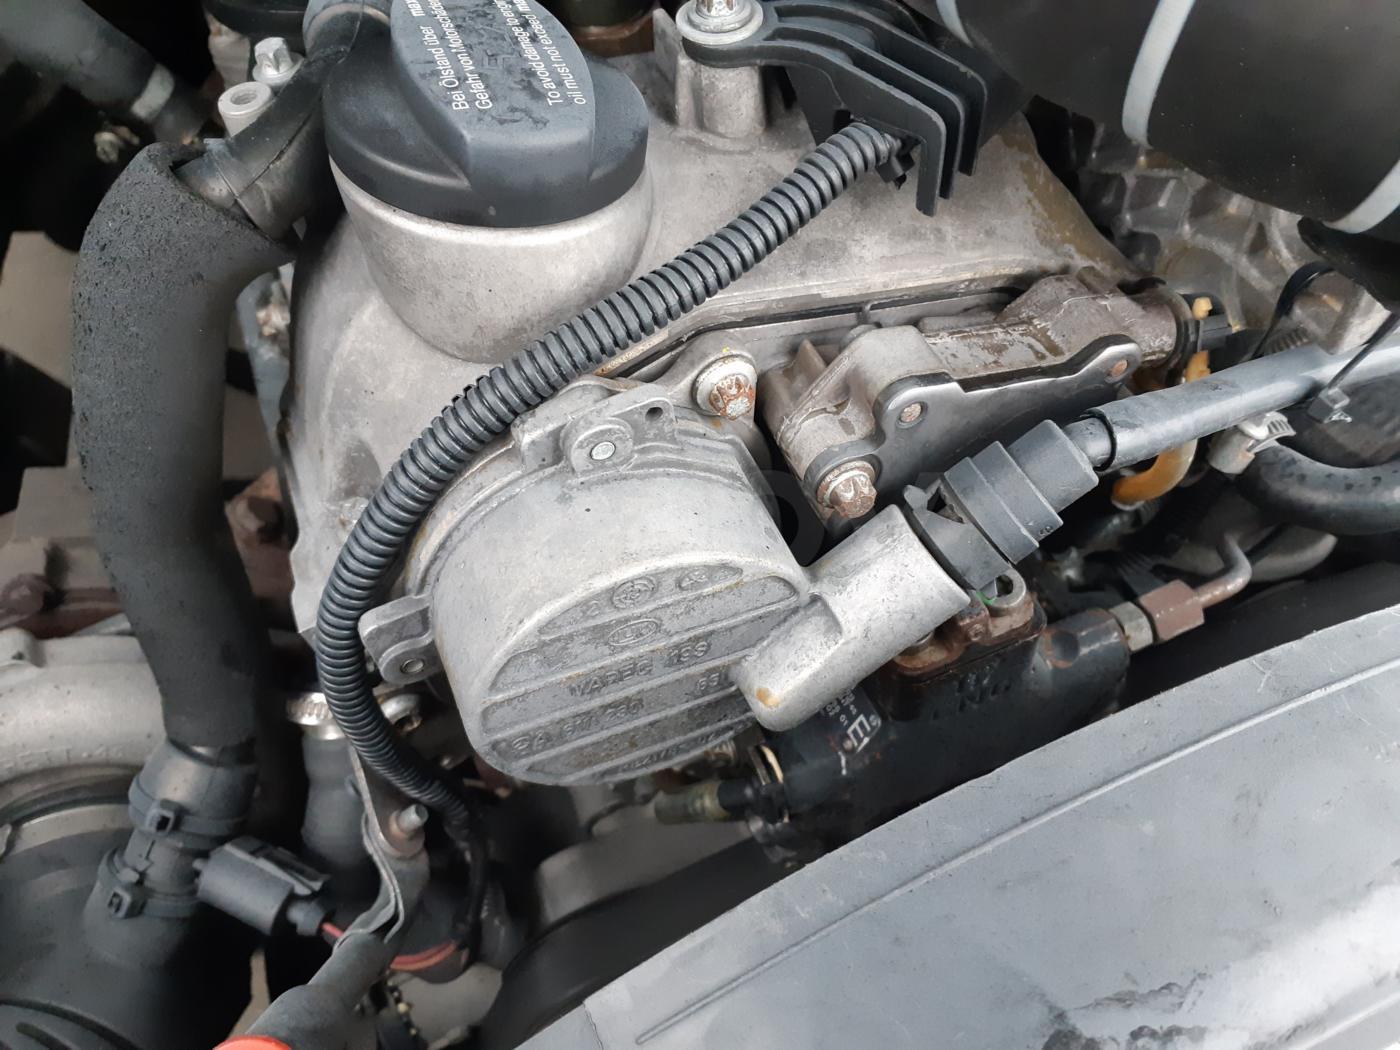 Mercedes-Benz Sprinter 313 CDI, 2003 г.